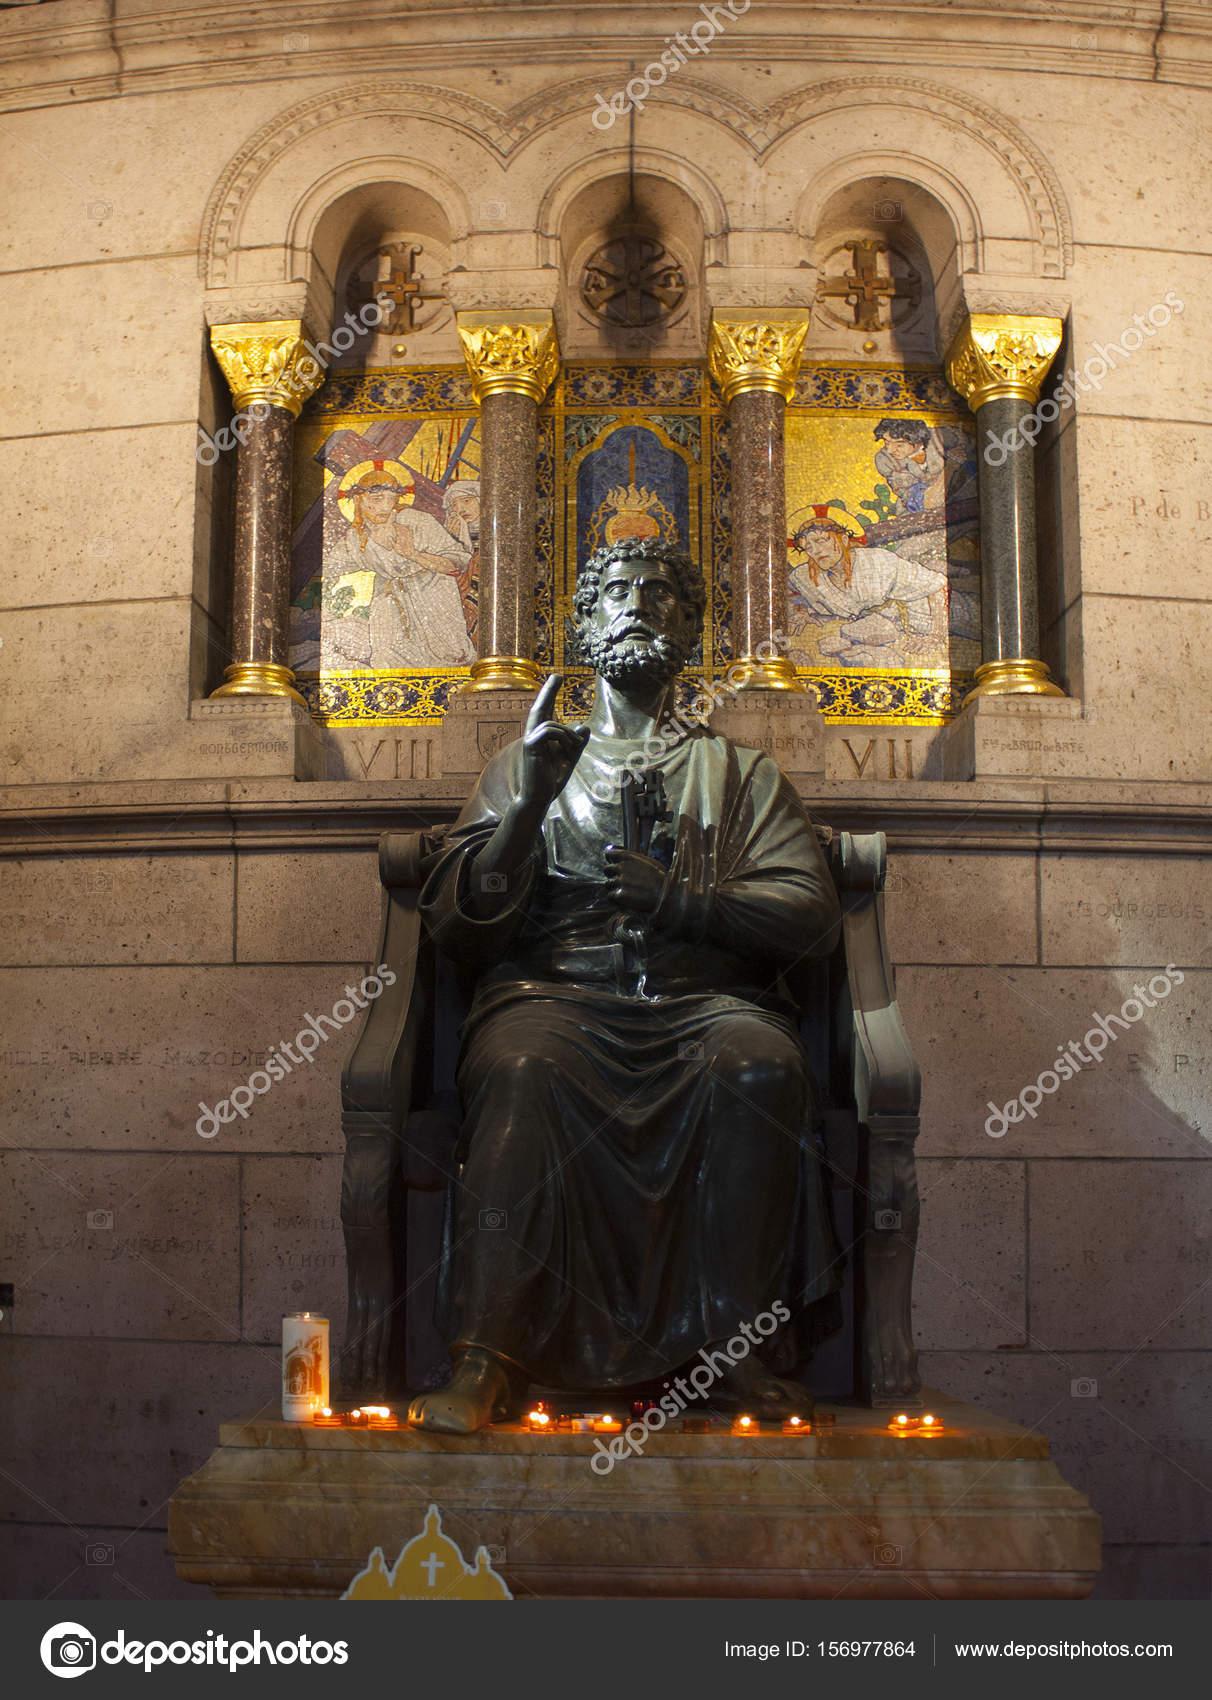 La sculpture de la cathédrale Sacré-Coeur